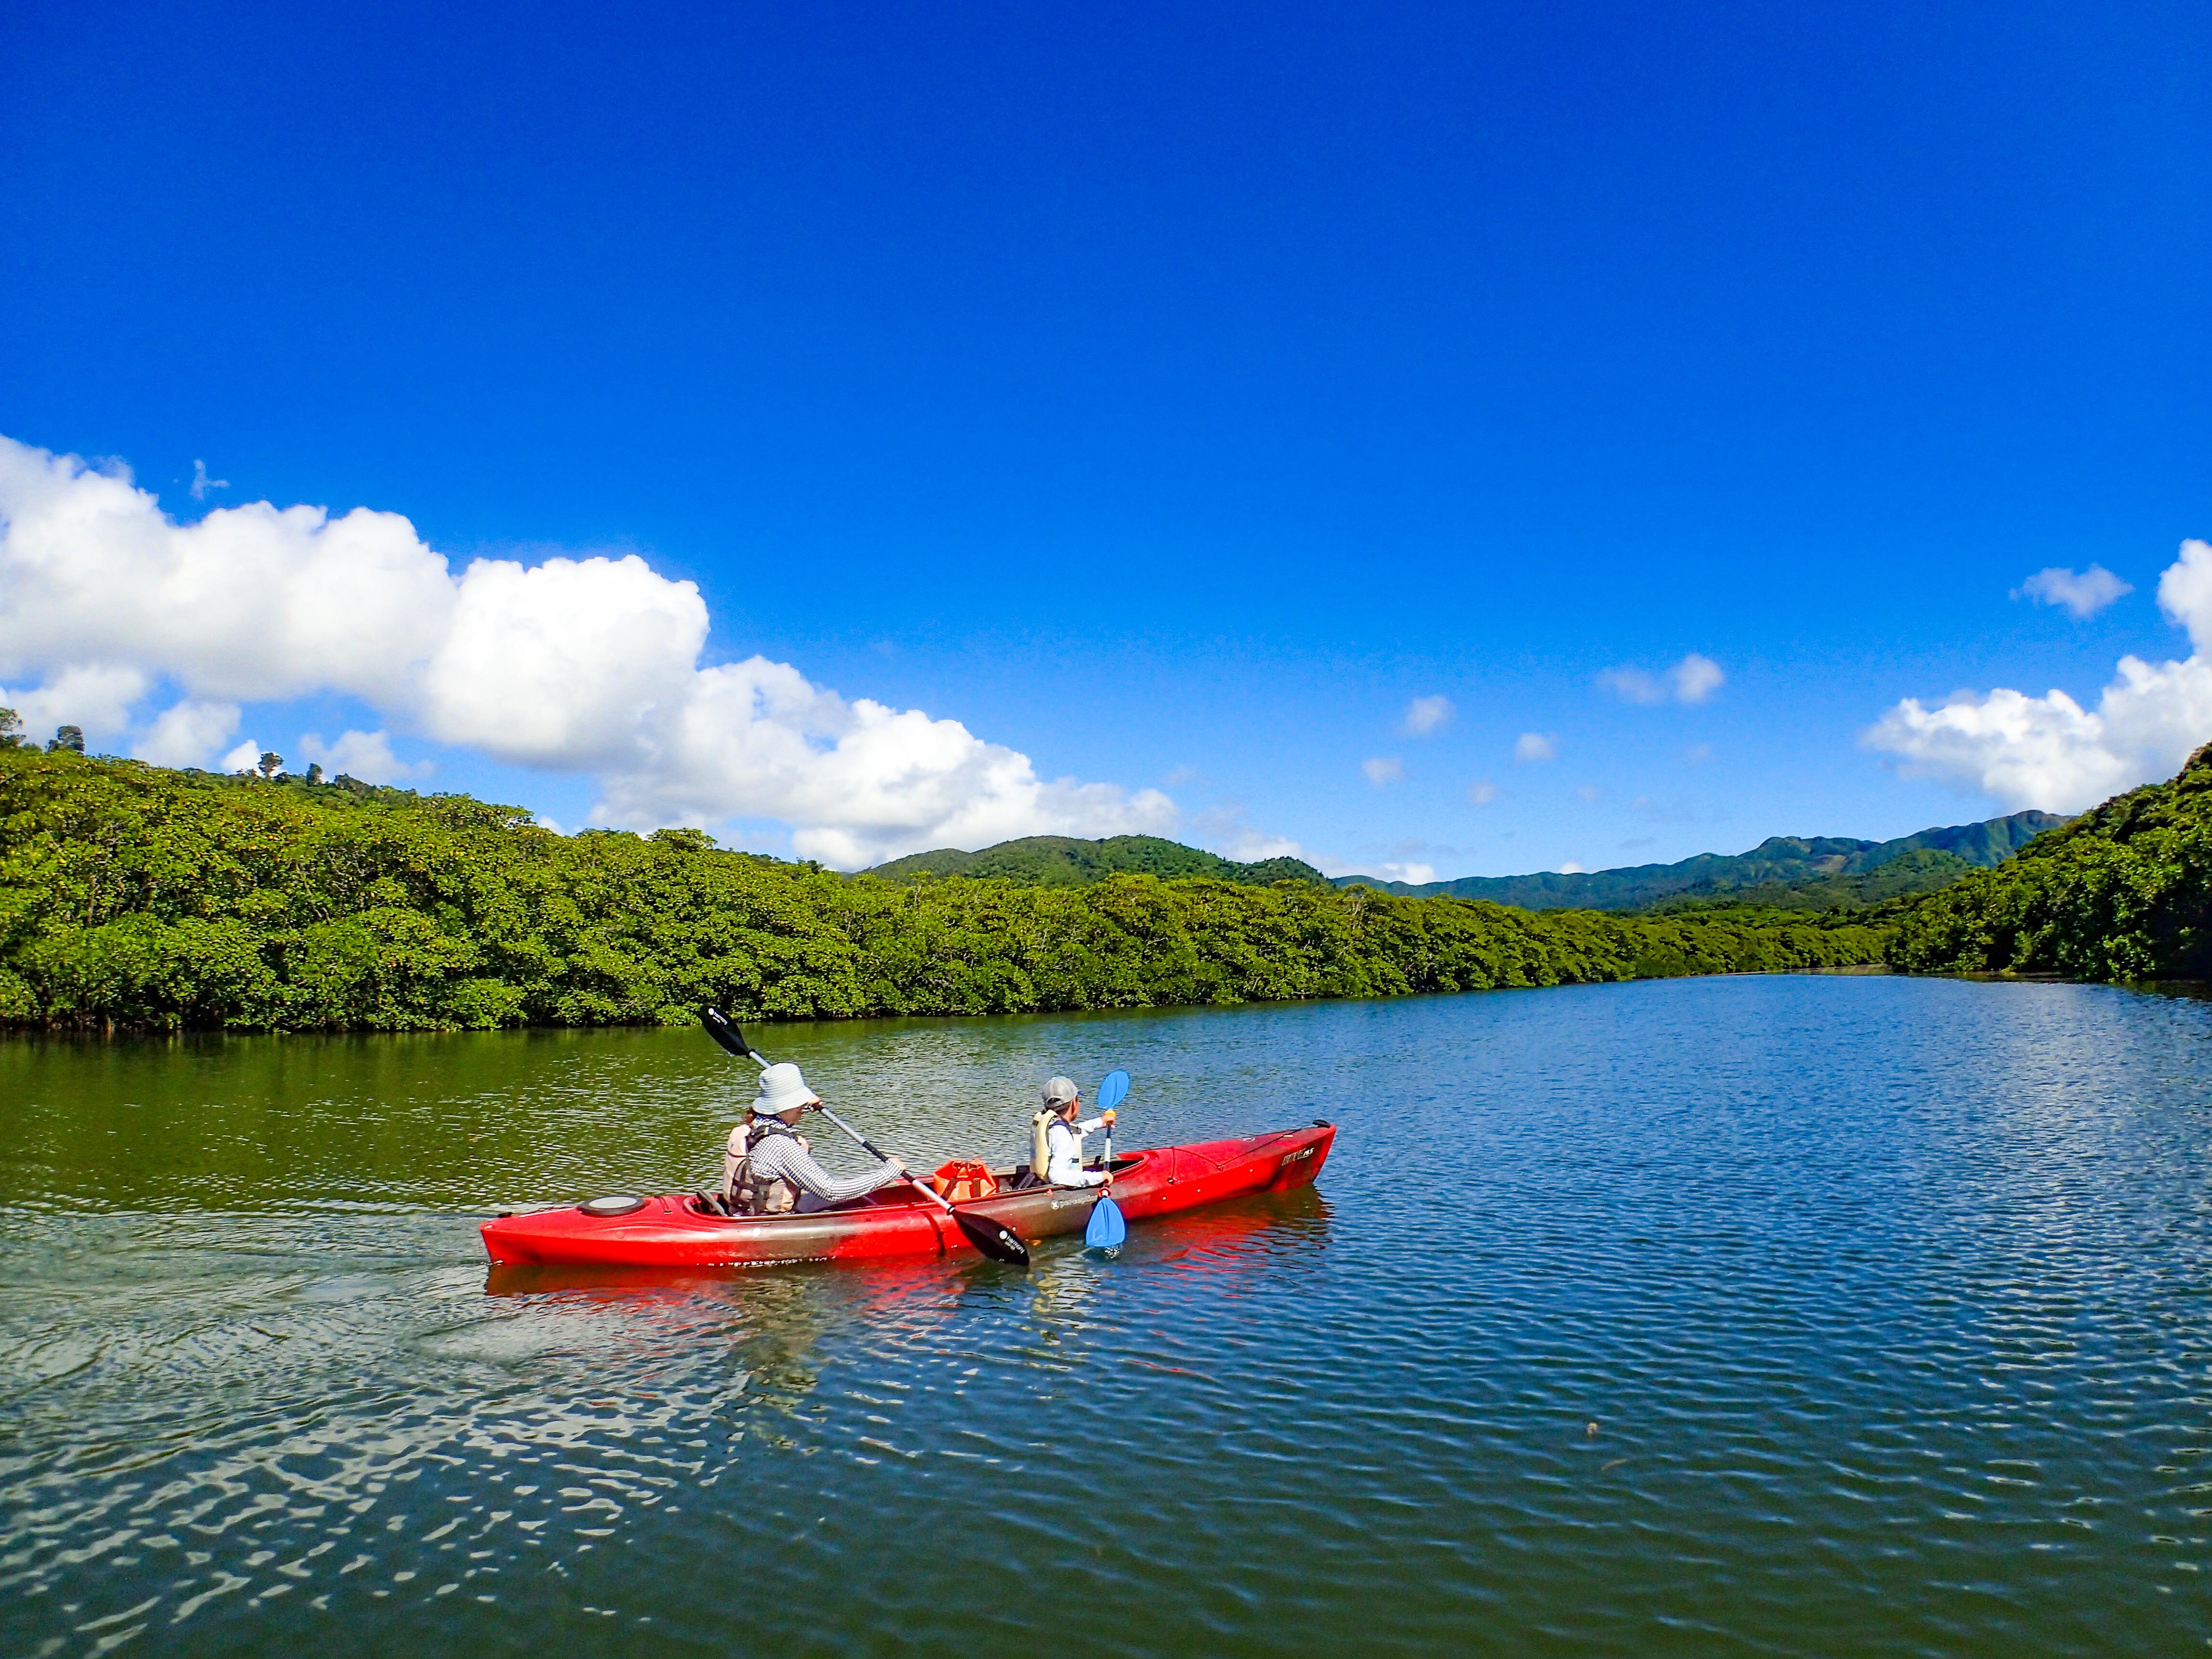 西表島のピナイサーラの滝カヌー